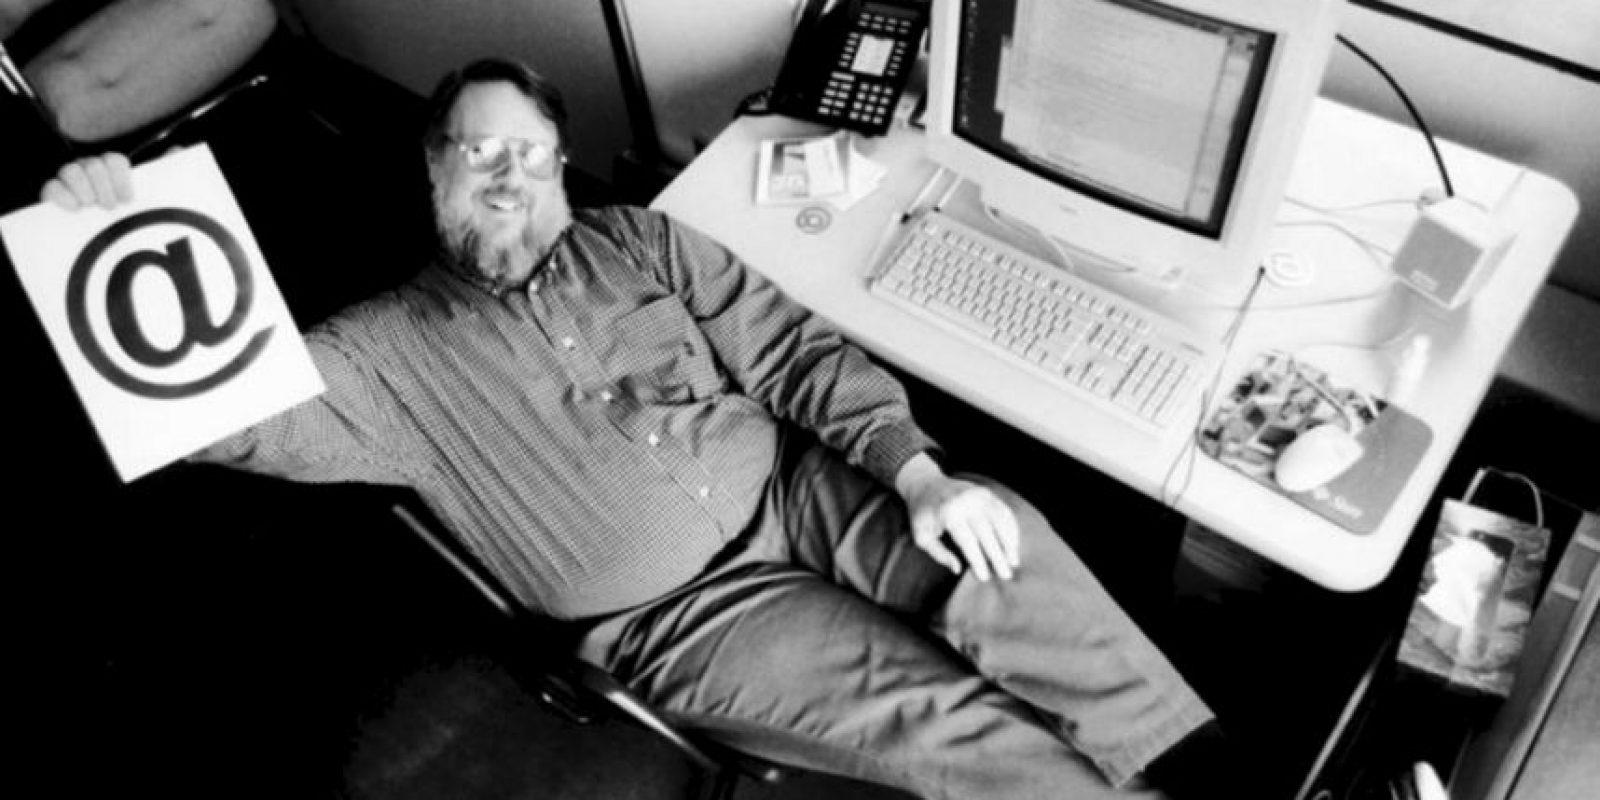 Cuando el informático vio que su invento funcionaba, decidió enviar a todos los trabajadores de ARPANET un mensaje explicando cómo usarlo correctamente. Foto:Twitter